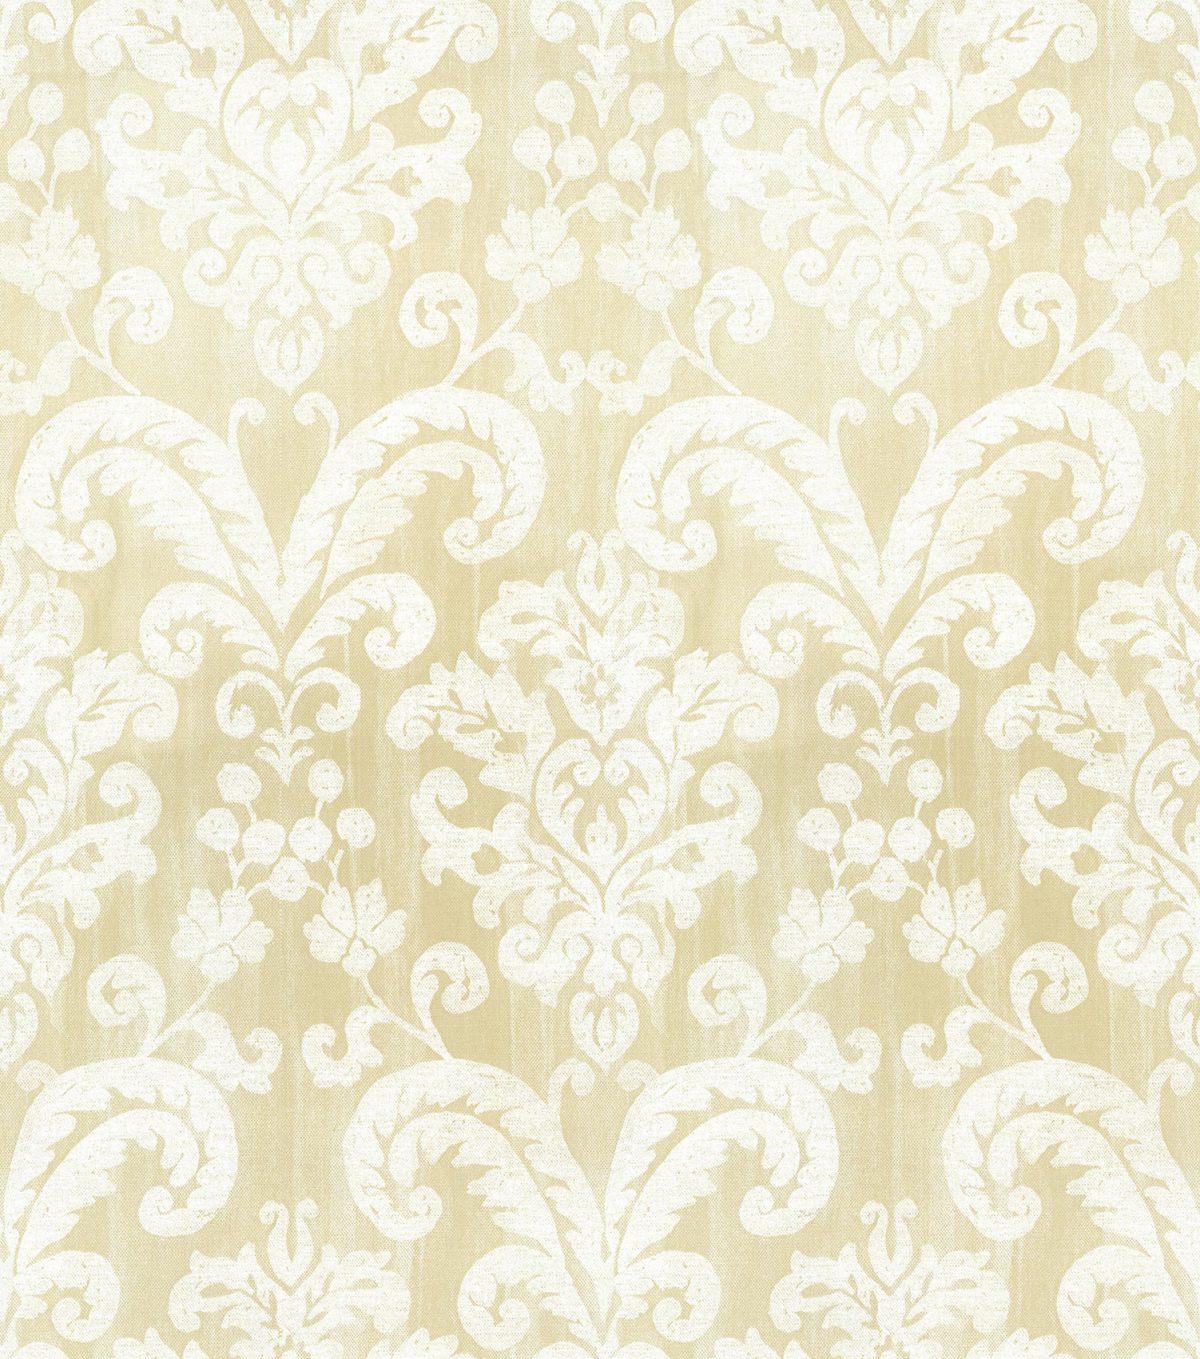 Papel de parede floral vinilizado Classique